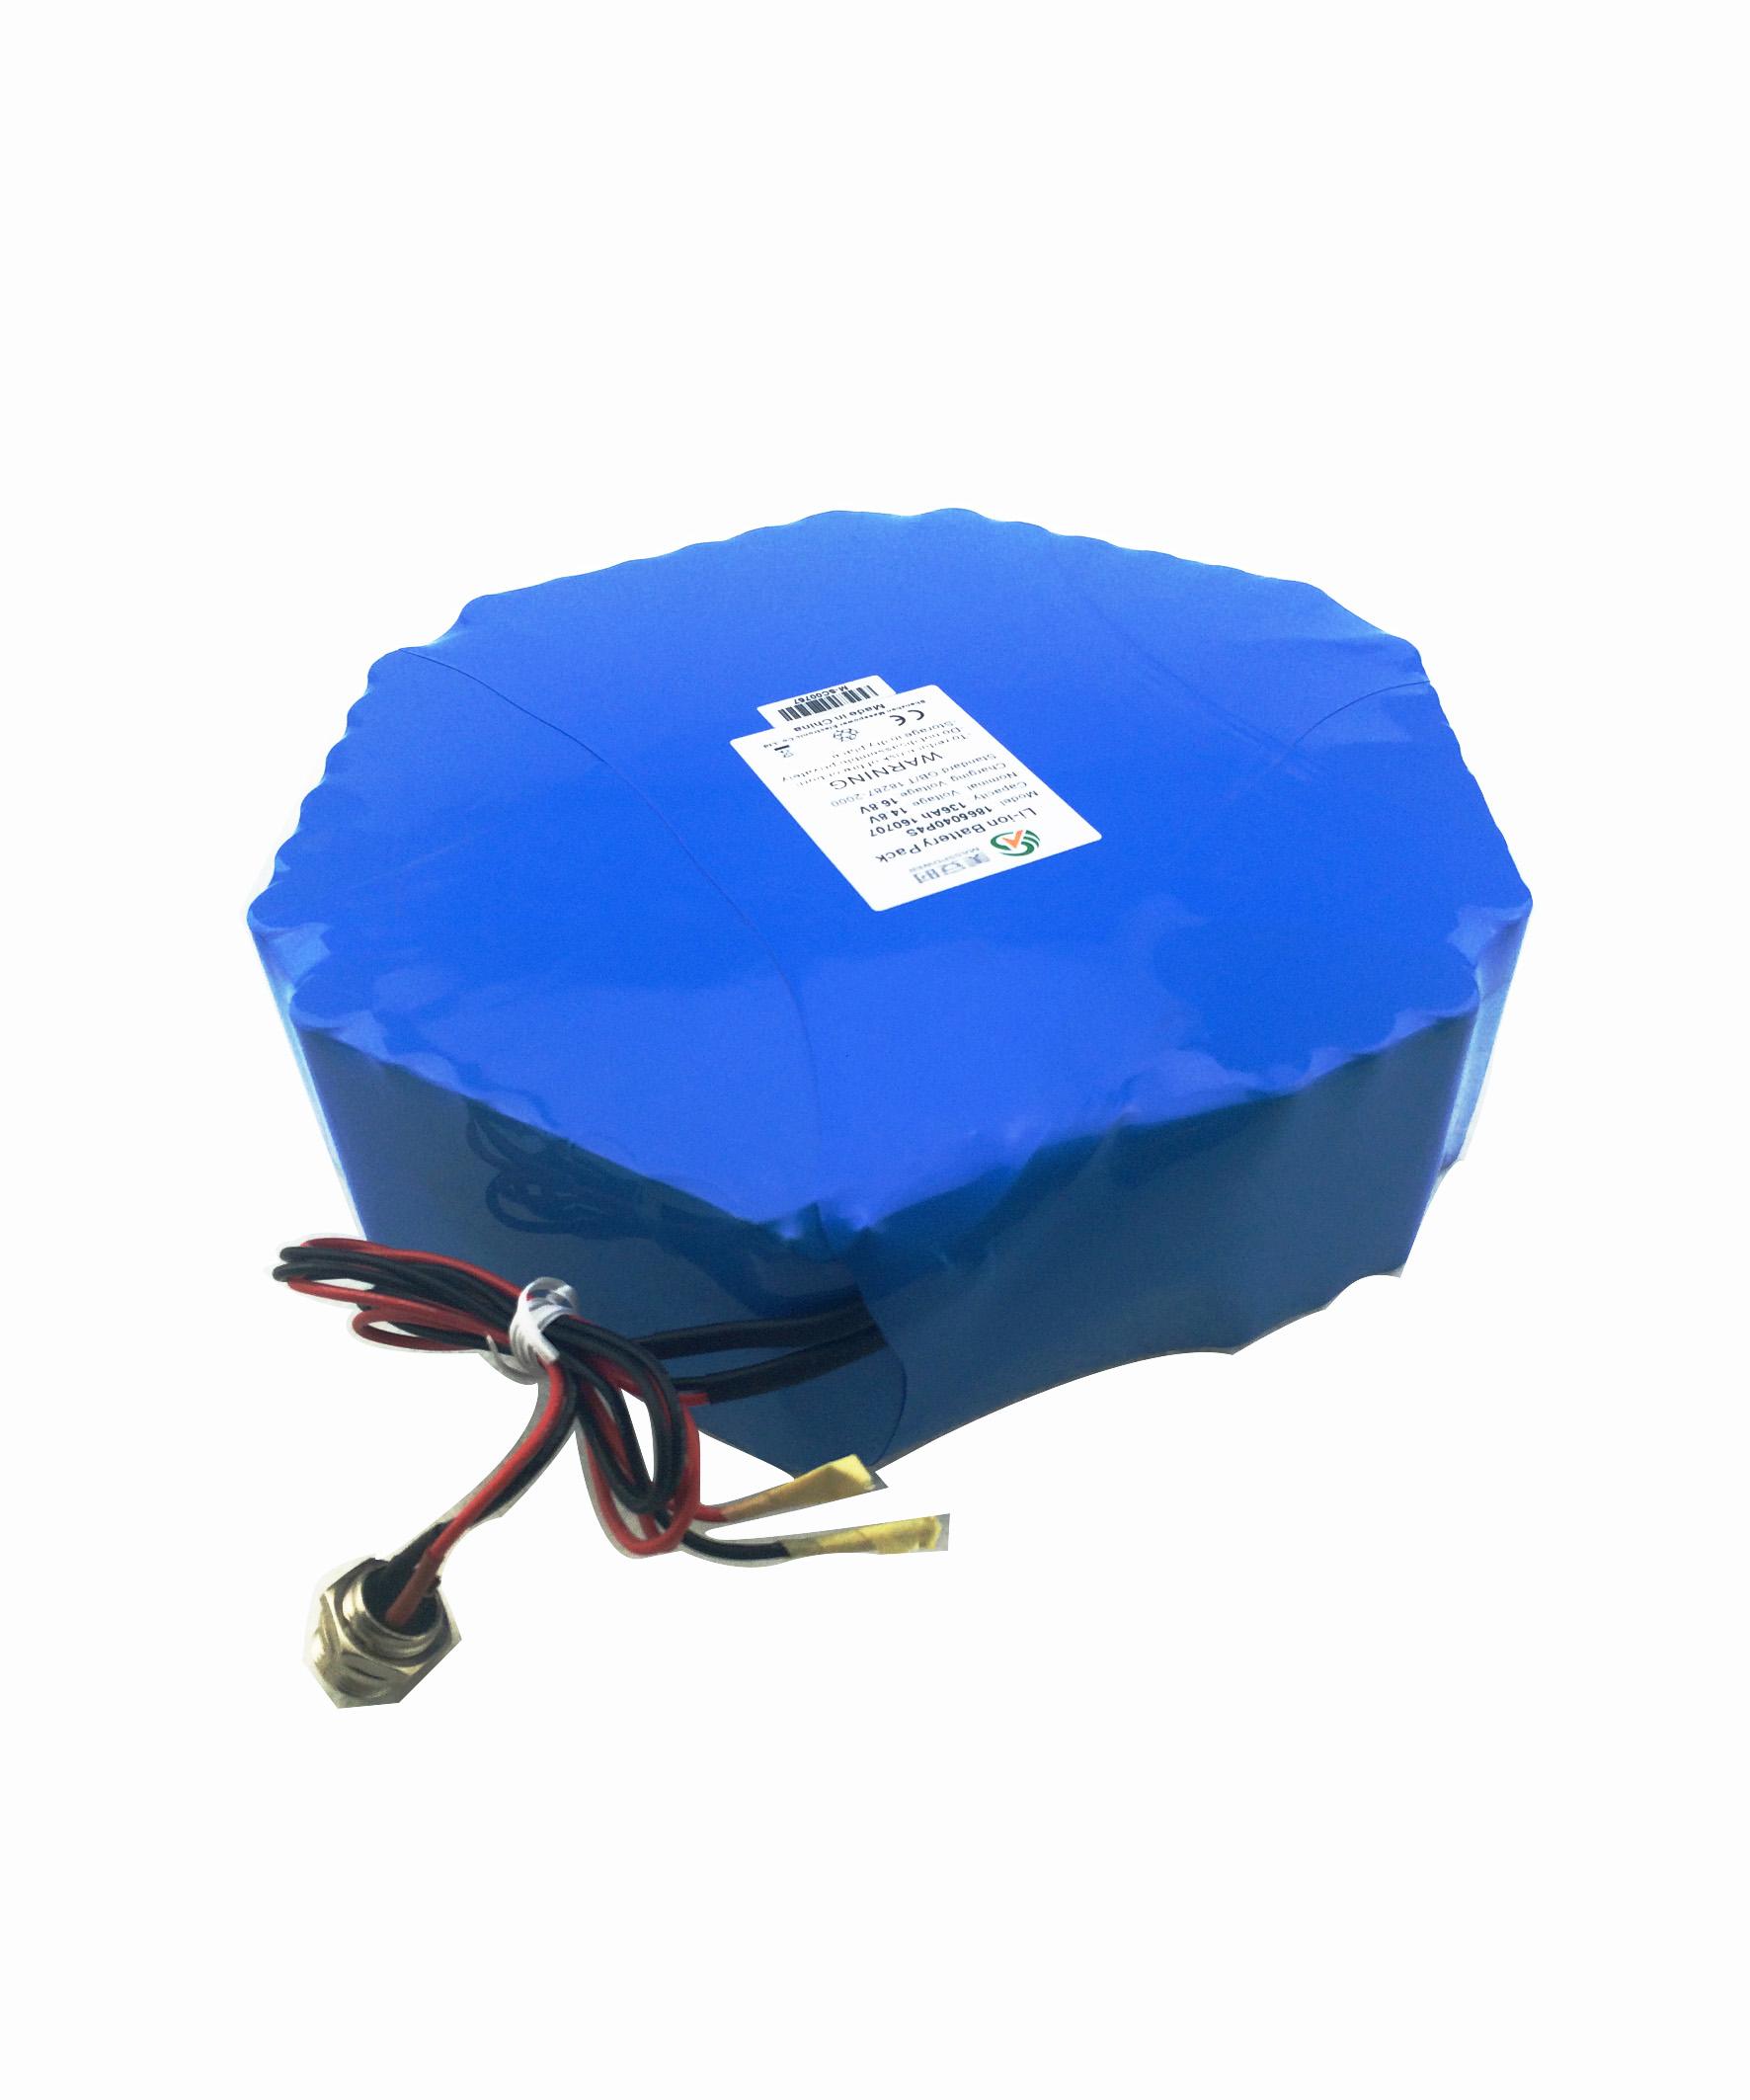 14.8V锂电池组丨海洋地震勘测仪